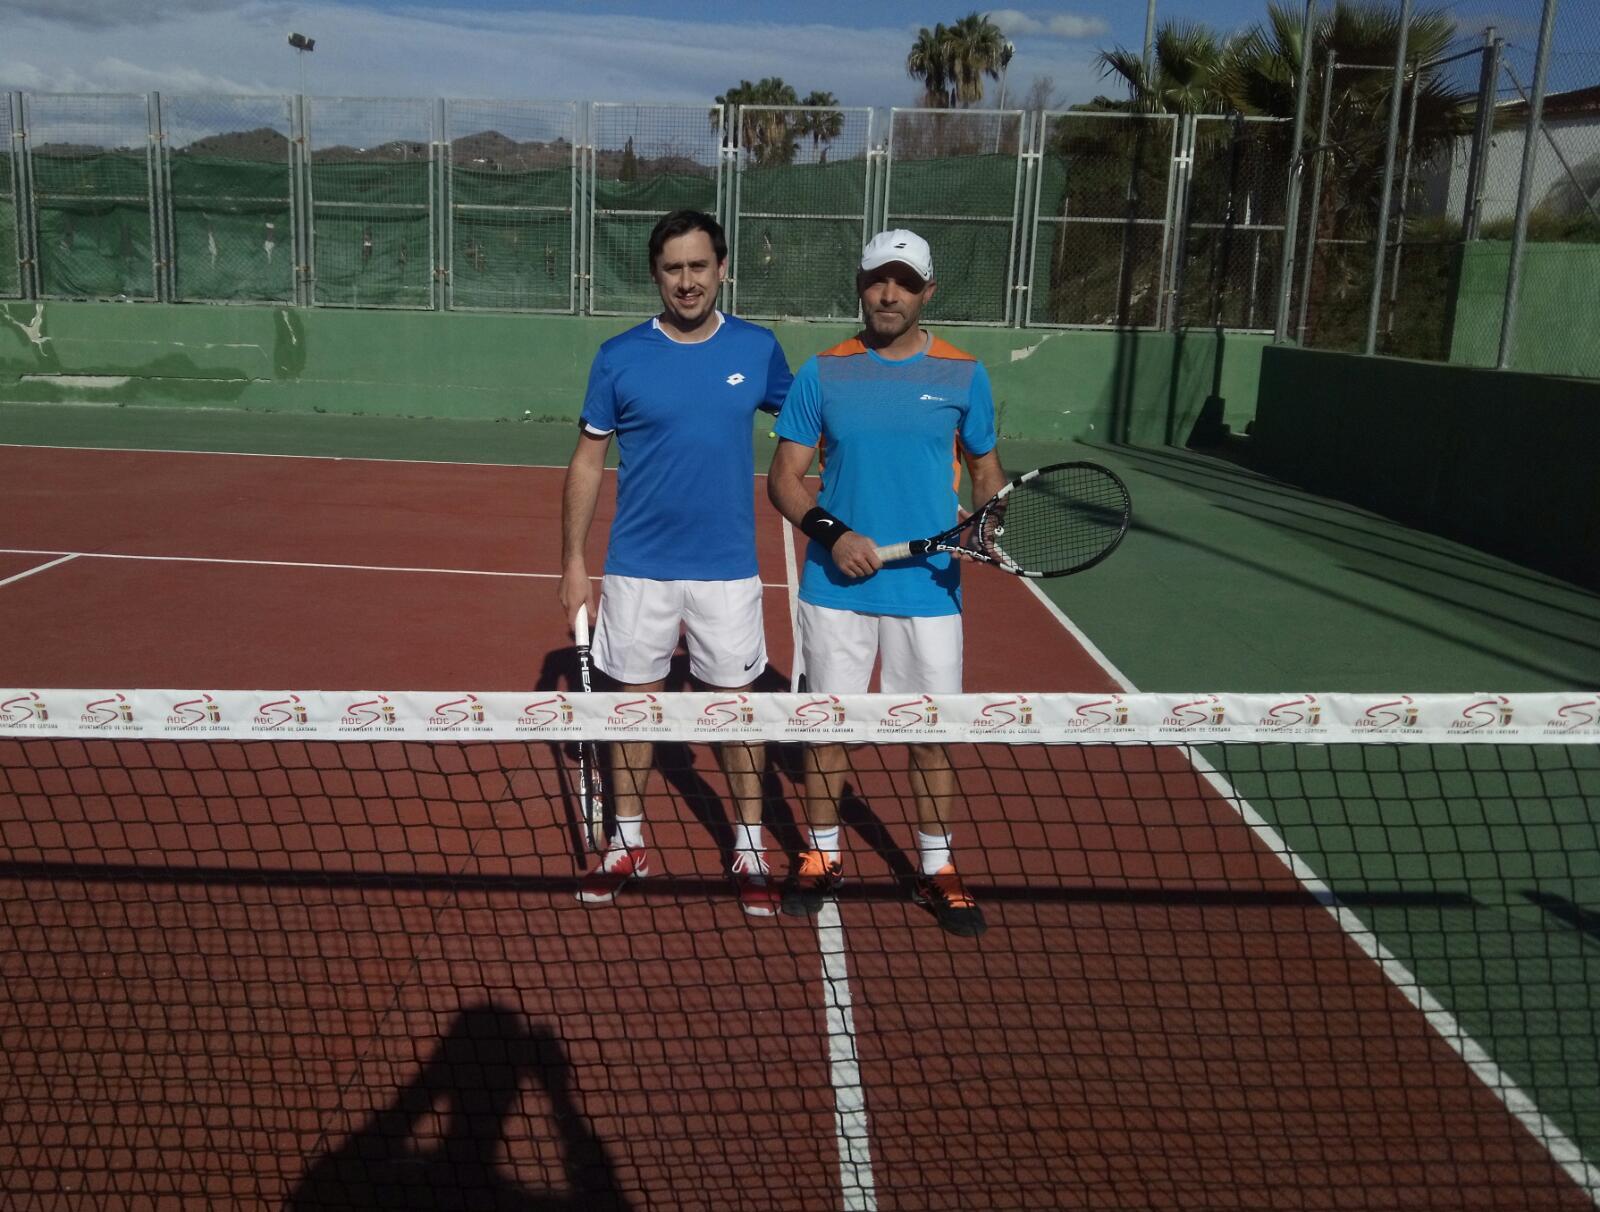 primer-partido-liga-amateur-por-equipos-provincial-de-tenis-3